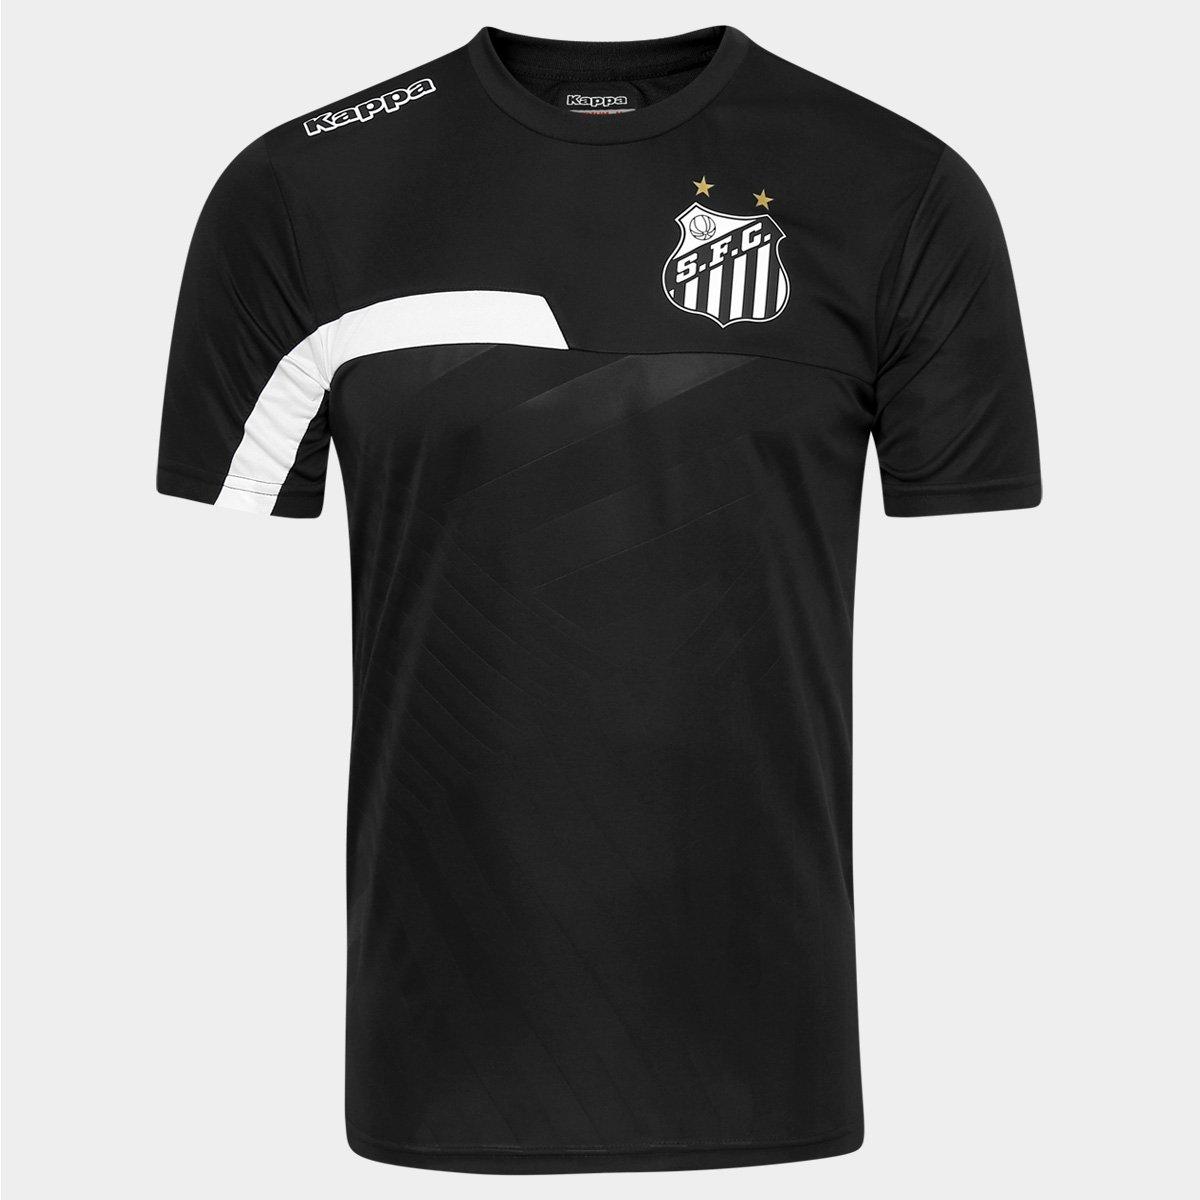 Camisa de Treino Santos 2016 Kappa Masculina - Compre Agora  082d6120ae442